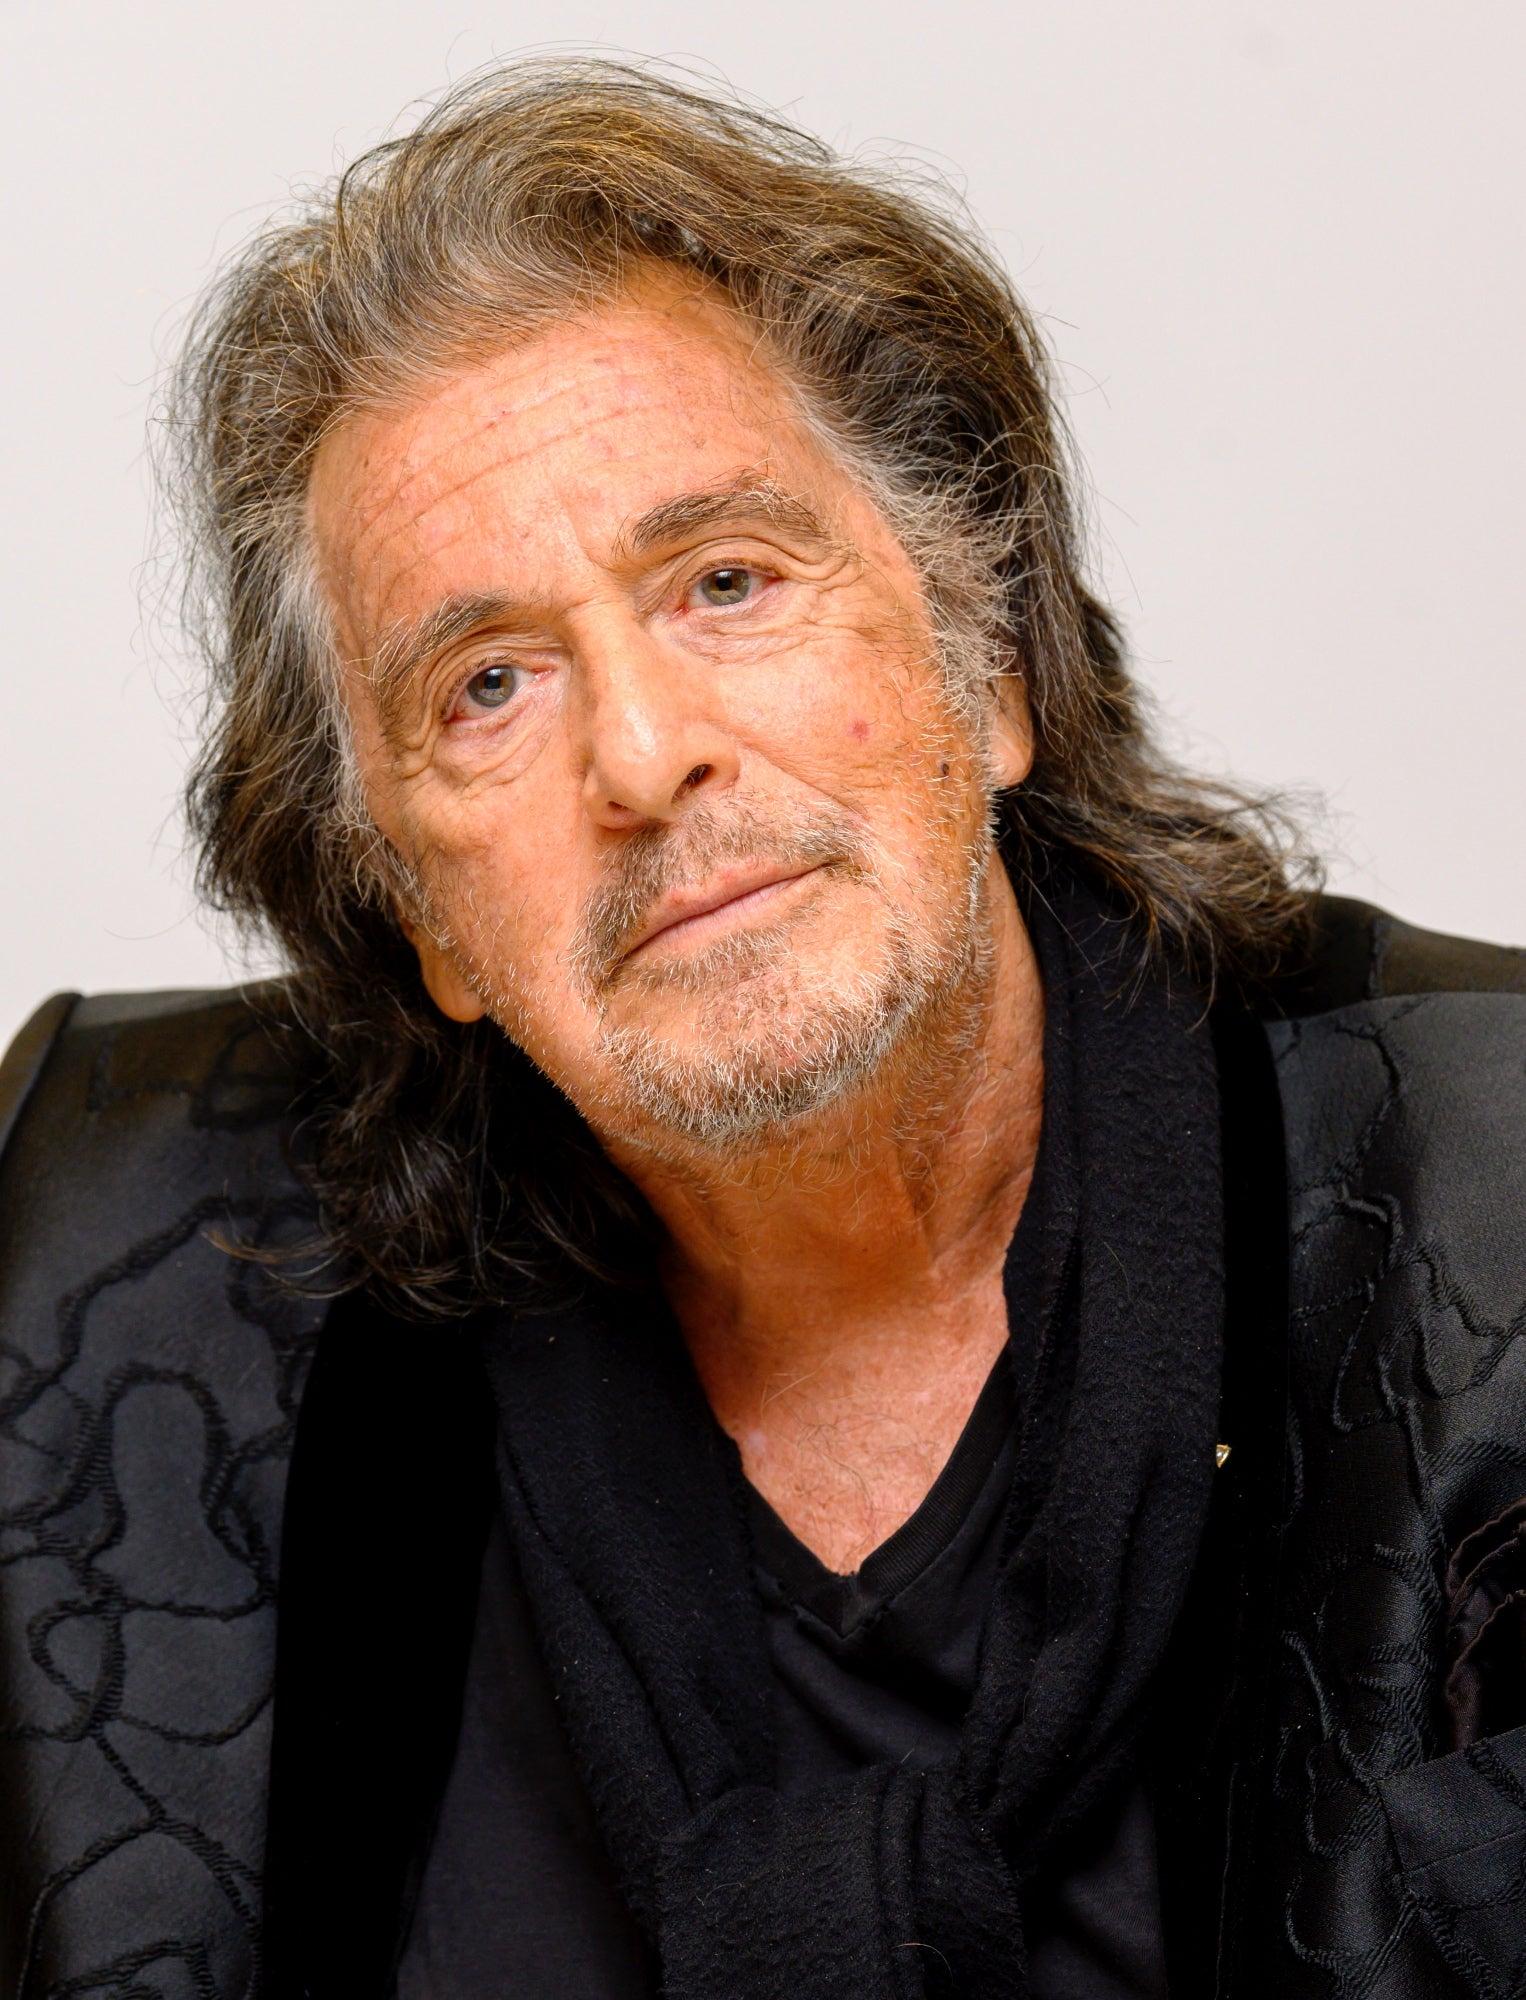 Actor Al Pacino, Golden Globe winner